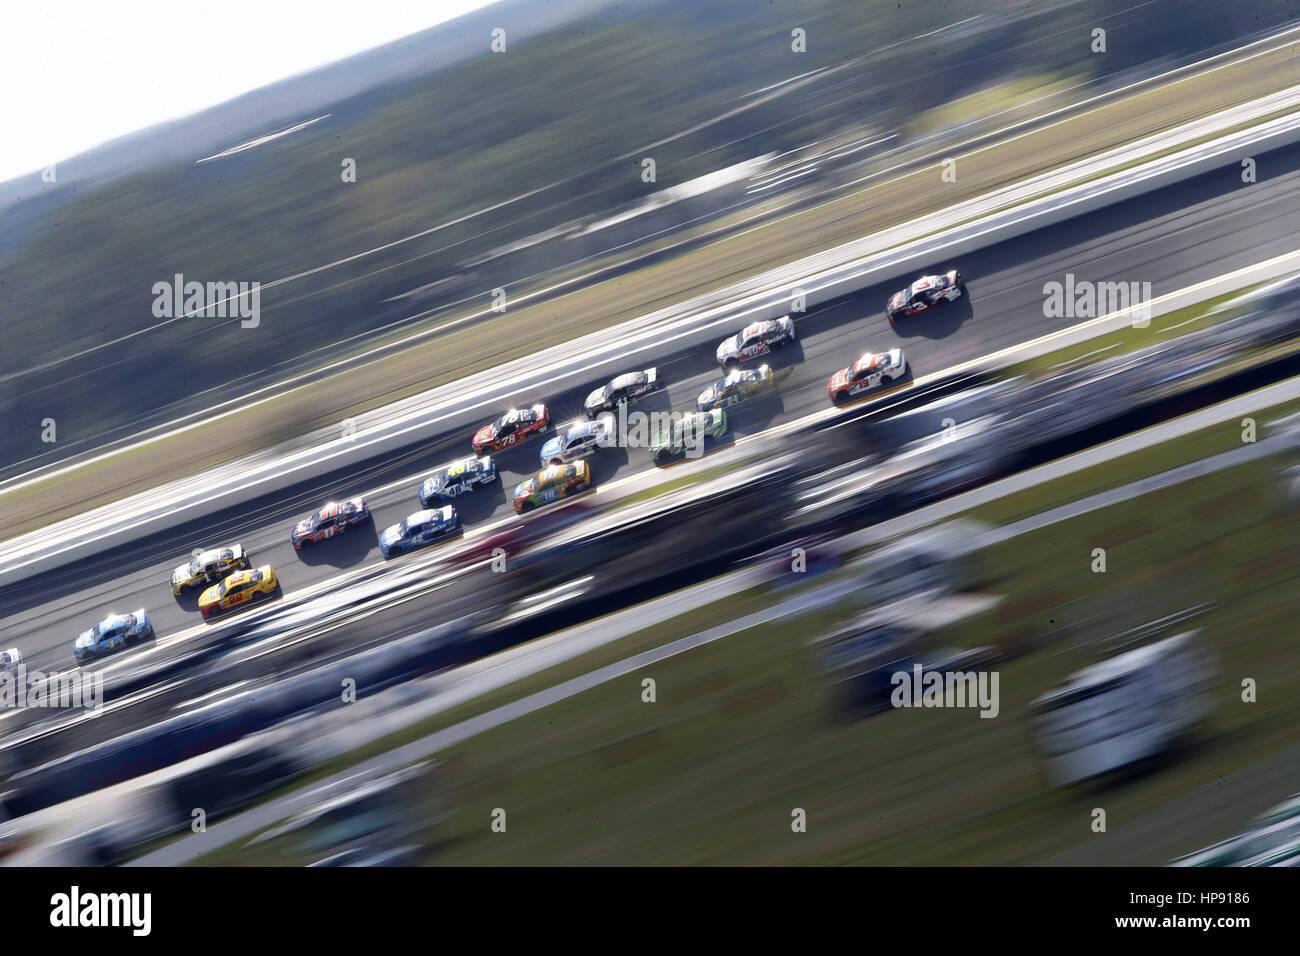 Nett Advance Auto Teile 16 Ga Draht Fotos - Elektrische Schaltplan ...